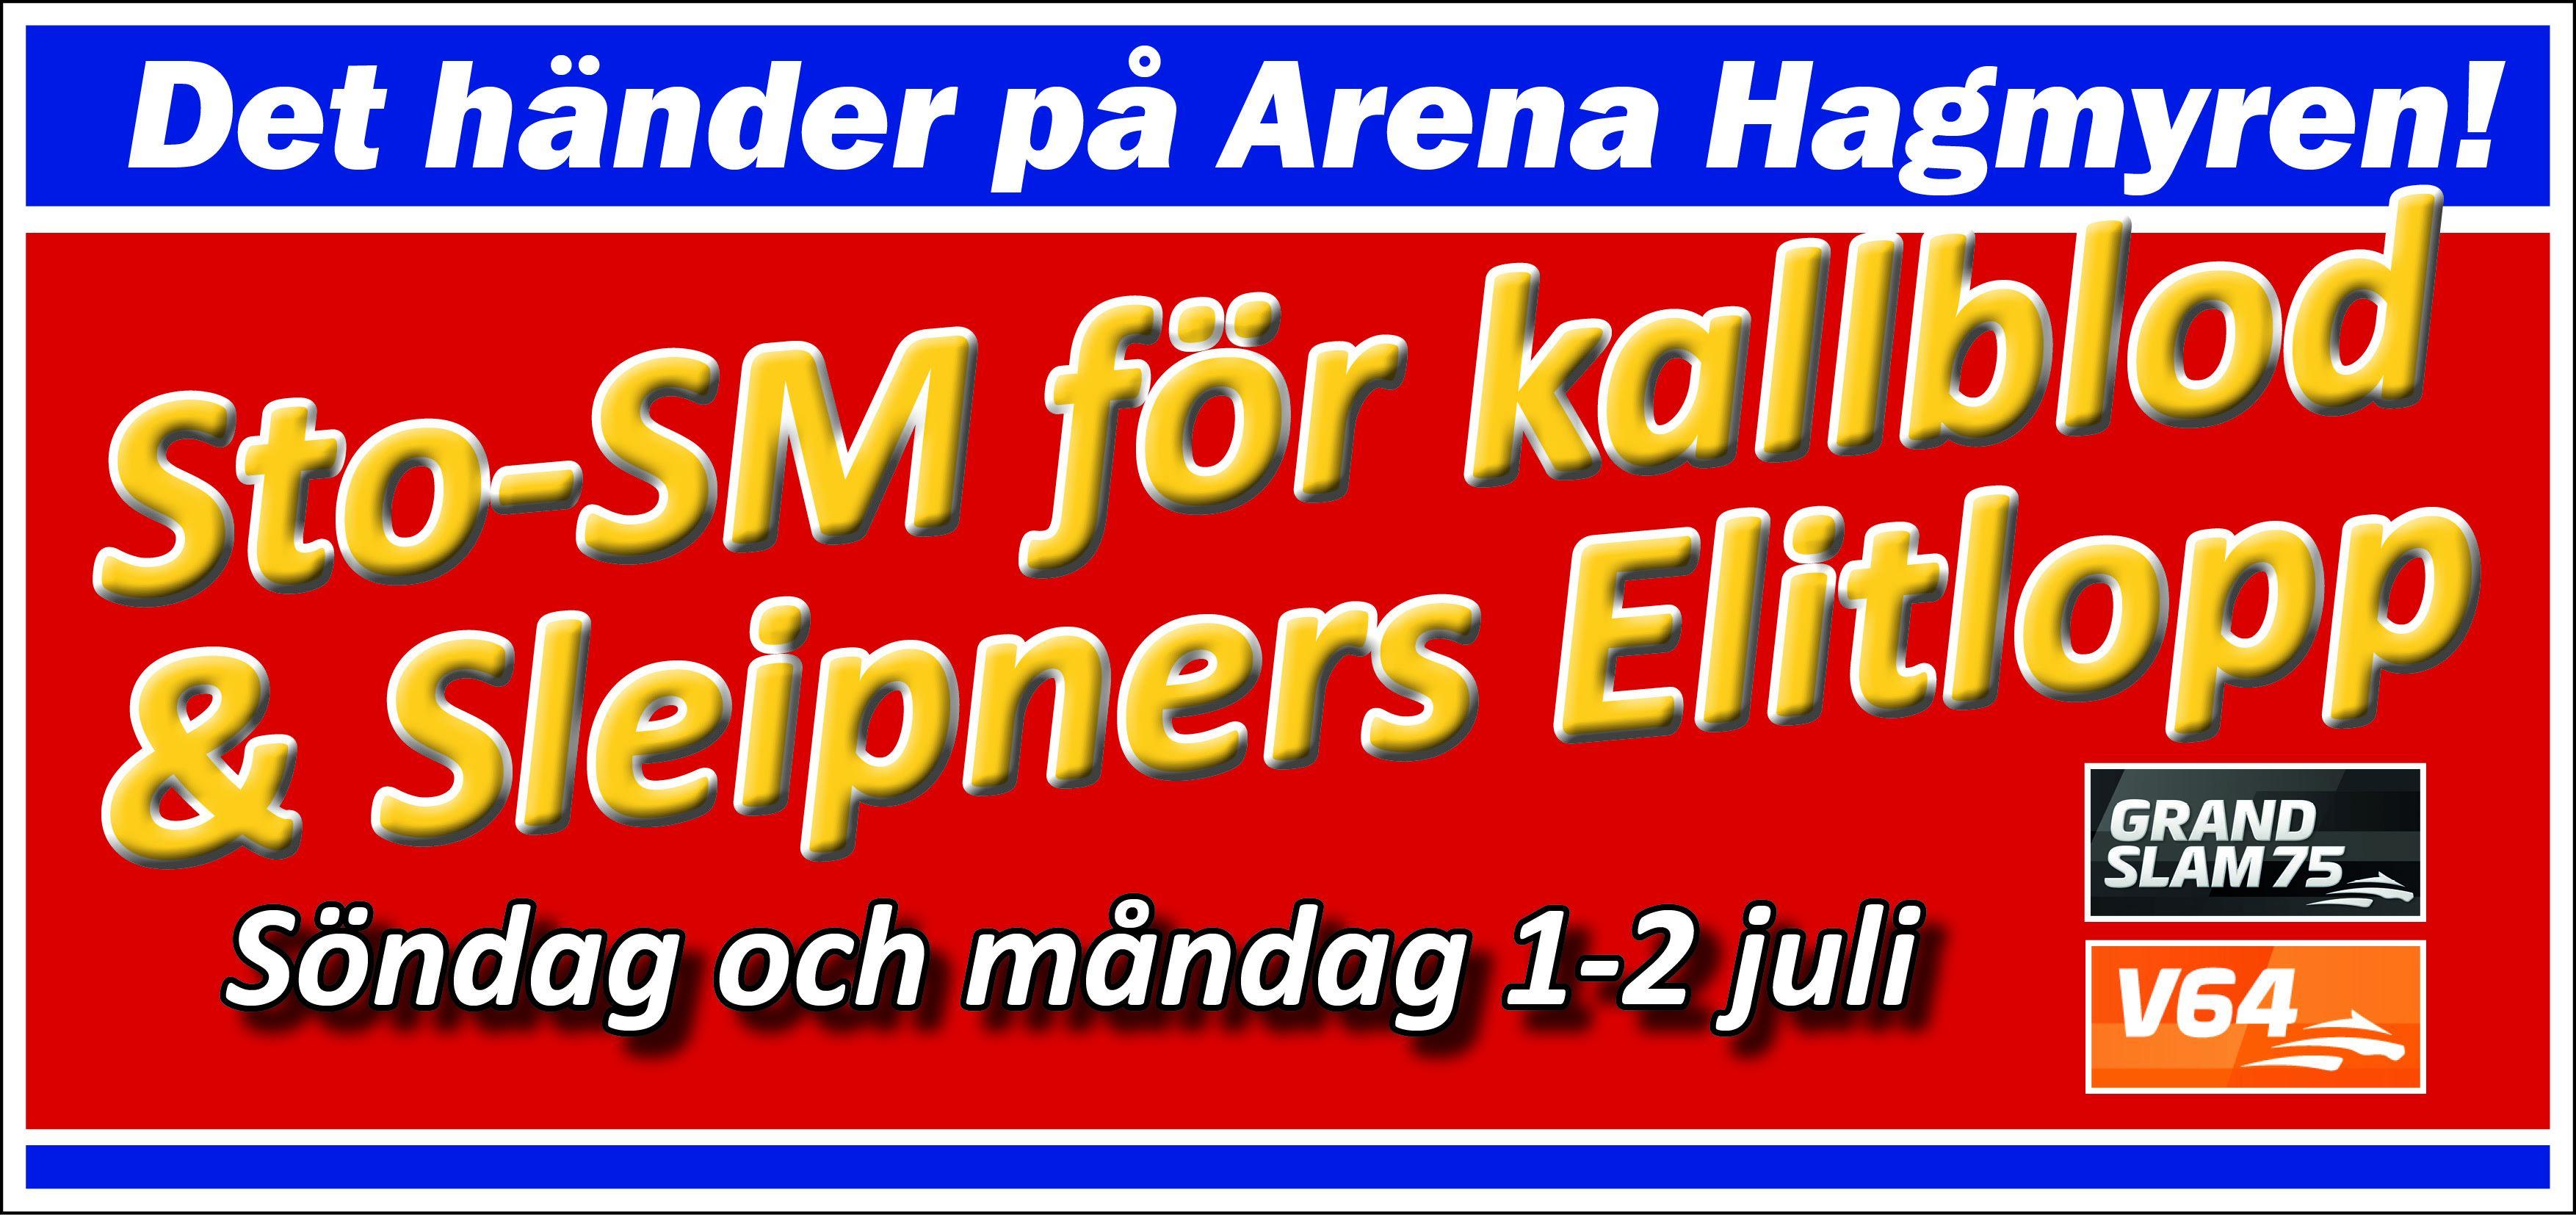 © Arena Hagmyren, Dags för Sleipnerdagarna på Arena Hagmyren!